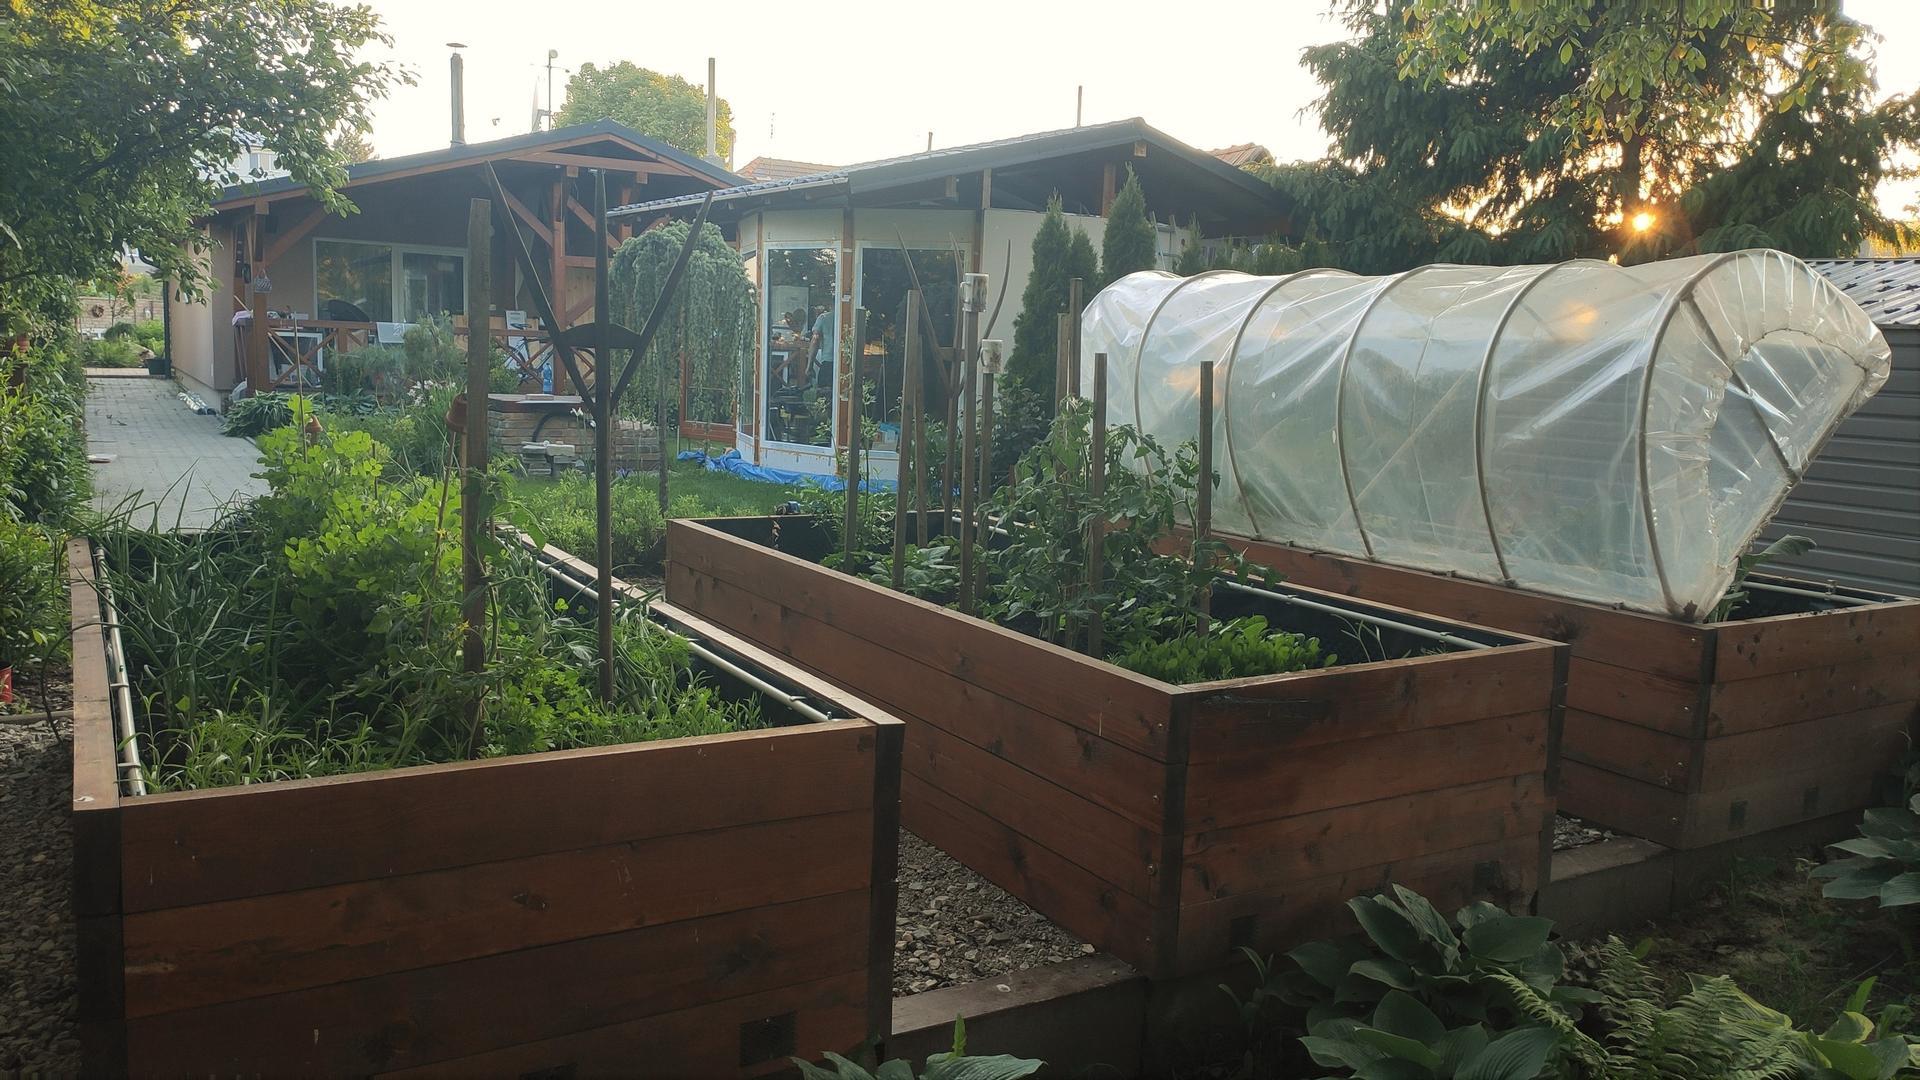 Vyvýšené záhony a úžitková záhrada - sezóna 2021 ... príprava, sadenie, starostlivosť - Obrázok č. 53